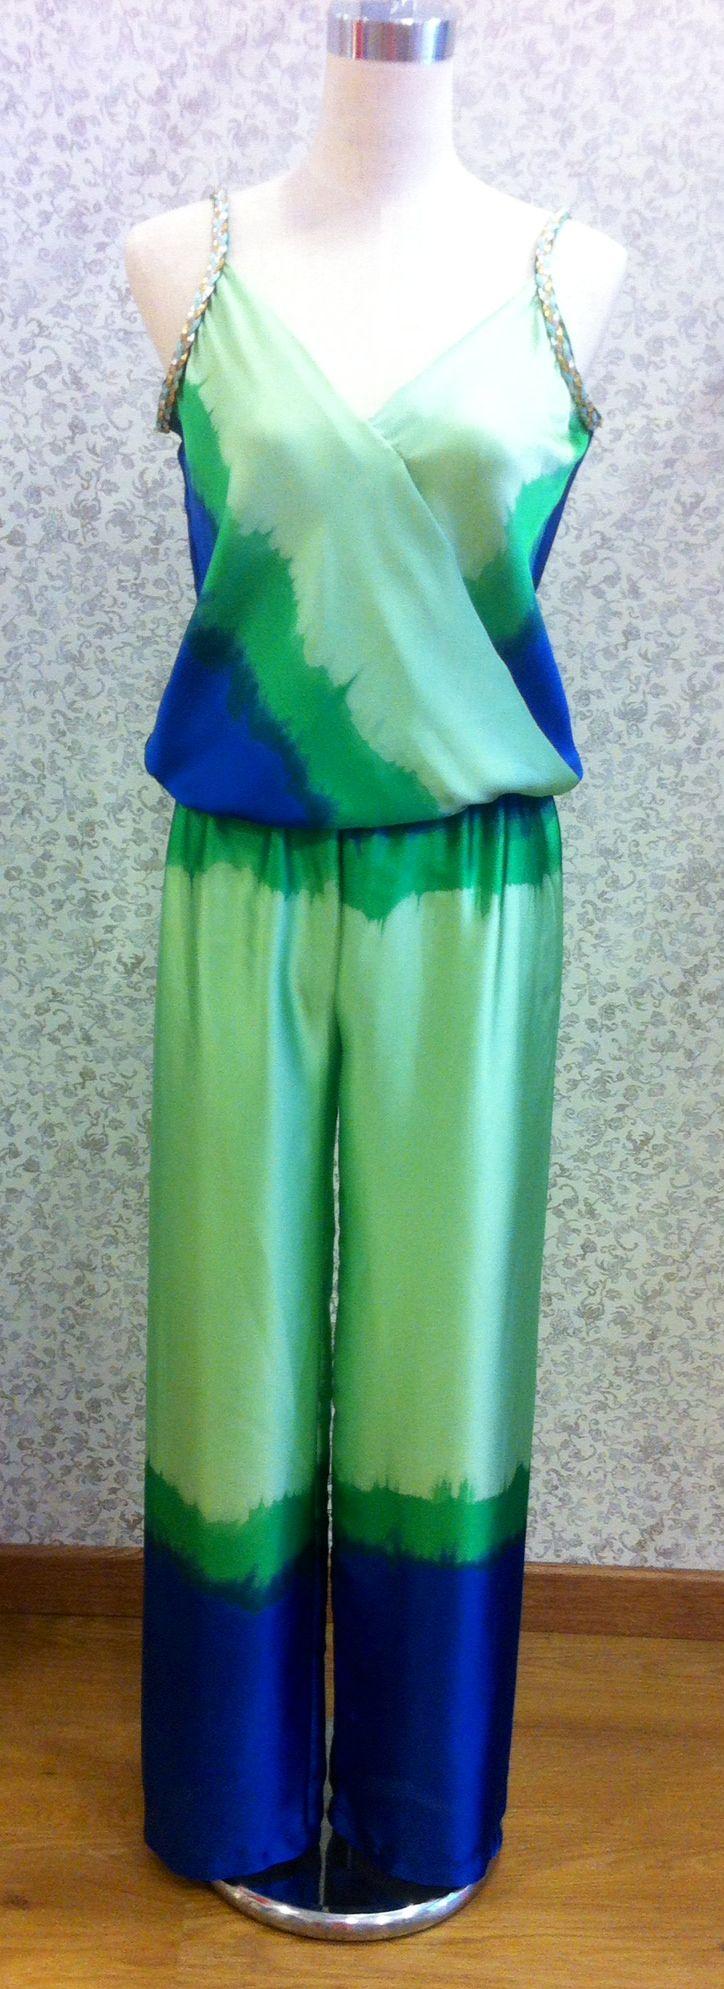 Mono de seda en verdes y azules